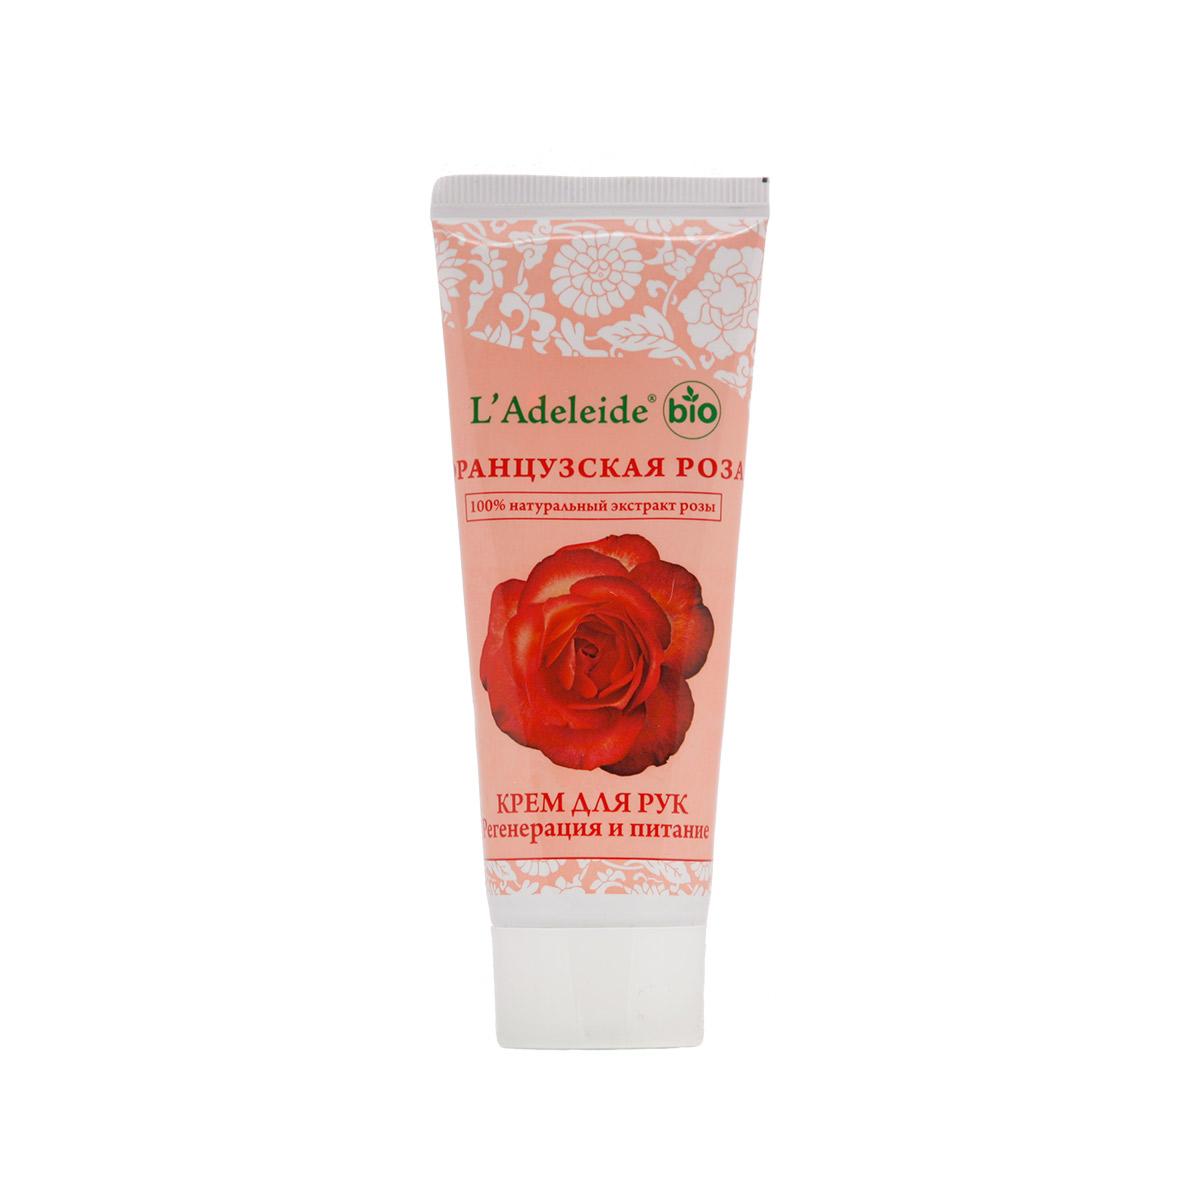 LAdeleide Крем для рук Французская роза Антивозрастной, 75 млКС-320Французская роза – это линия компании L'Adeleide на основе натурального экстракта французской розы, волшебным эффектом которого пользуются многие столетия жительницы Cредиземноморья. Французская роза известна своим регенерирующим и омолаживающим эффектом. Благодаря последним технологиям, L'Adeleide смог передать сильный эффект экстракта. Косметический крем Французская роза с экстрактом розы и мочевиной. При регулярном применении крем устраняет сухость, успокаивает, питает и увлажняет кожу рук.